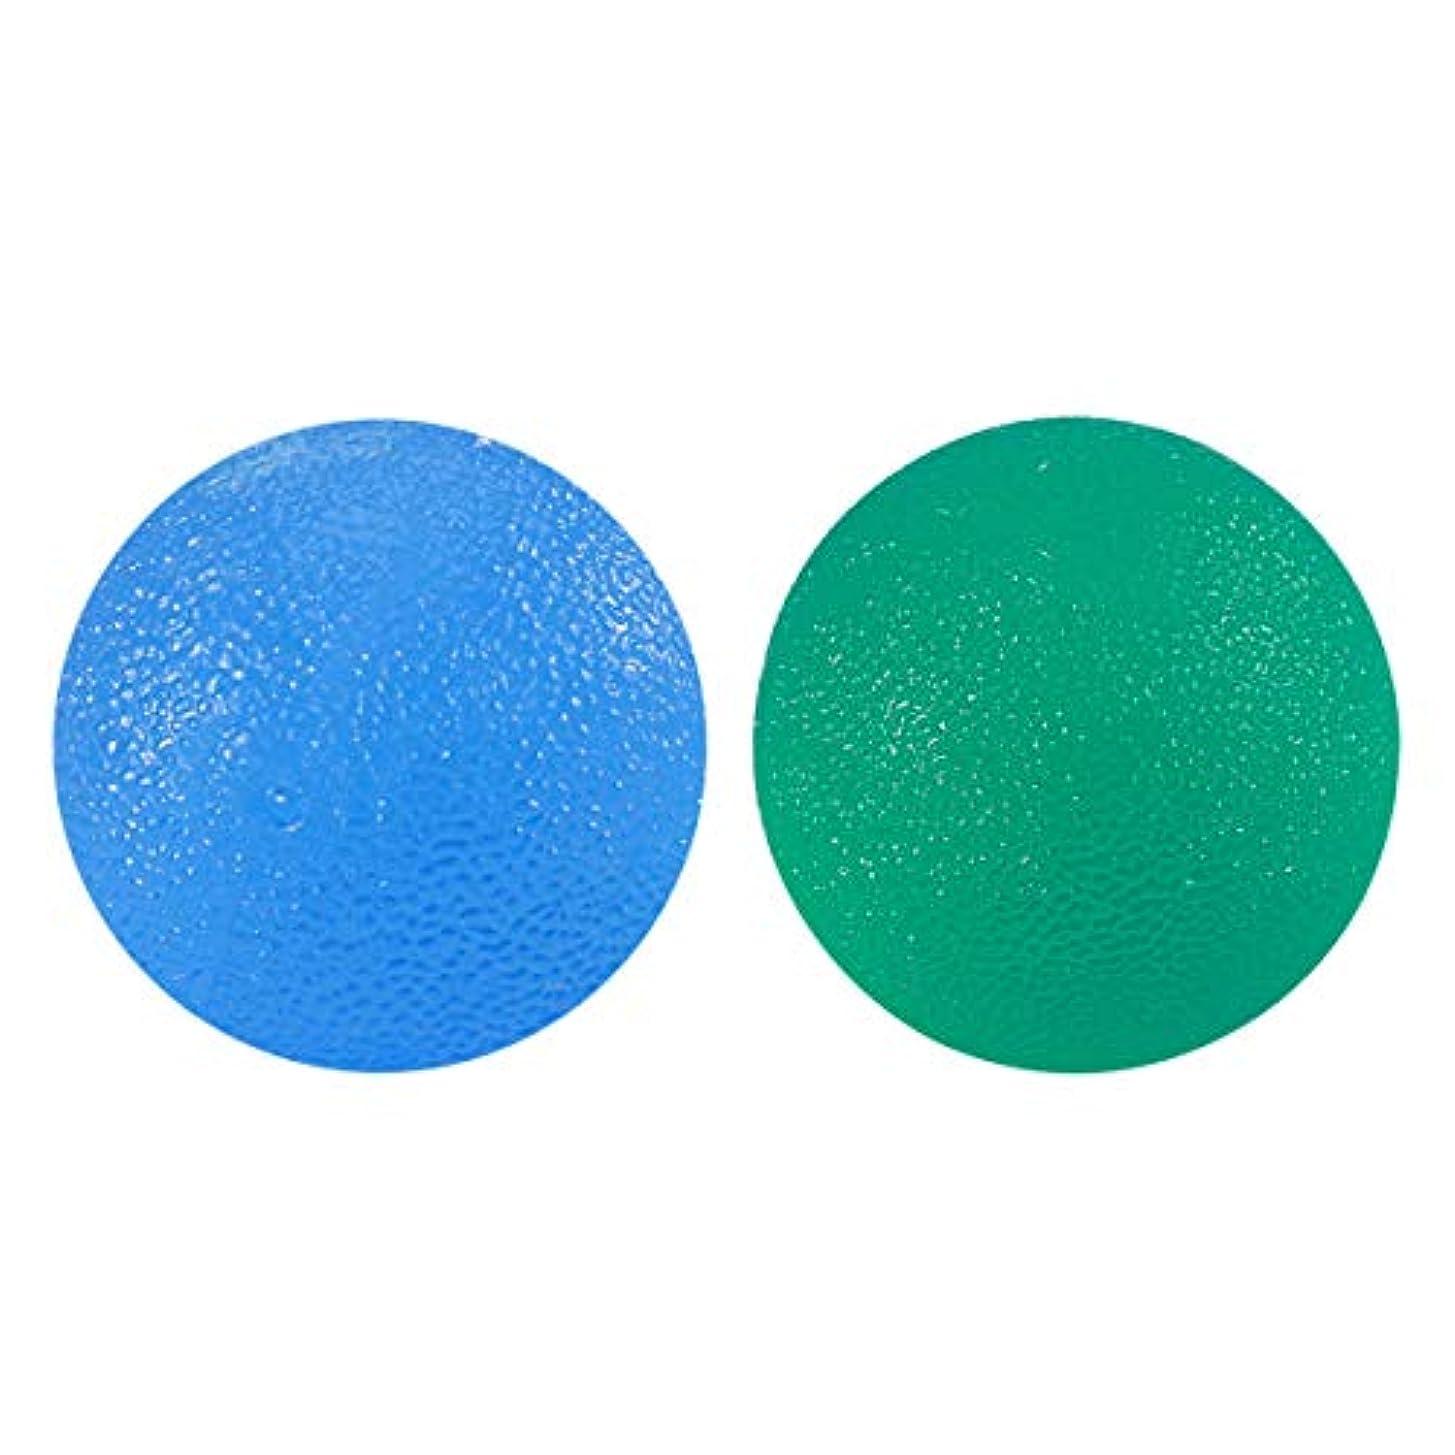 フリッパー機会それにもかかわらずHEALIFTY 2本の中国の健康運動マッサージボールのストレスは、手の運動(緑と青)